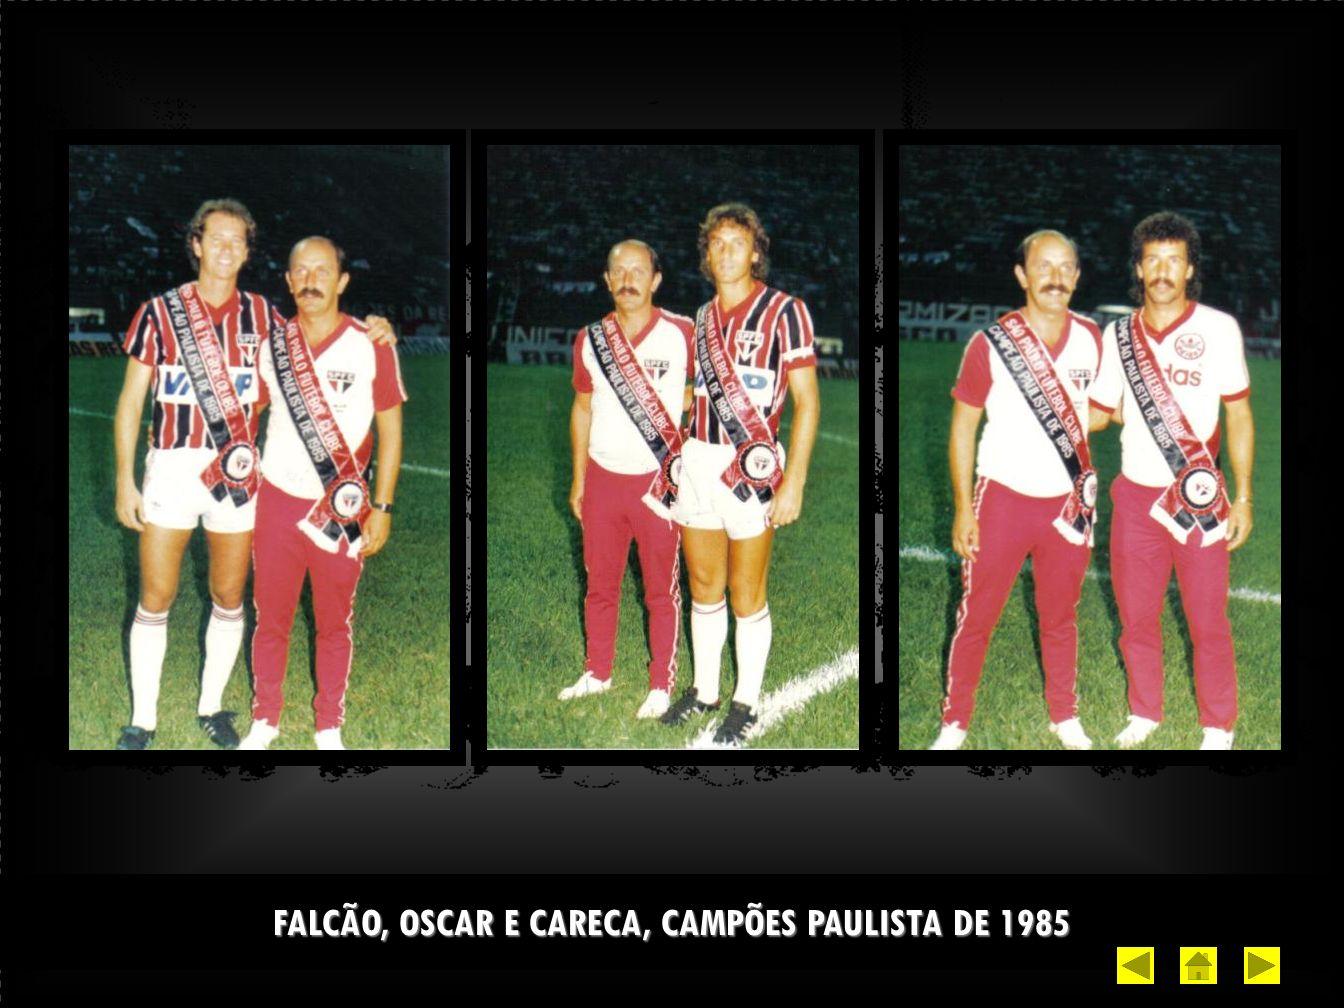 FALCÃO, OSCAR E CARECA, CAMPÕES PAULISTA DE 1985